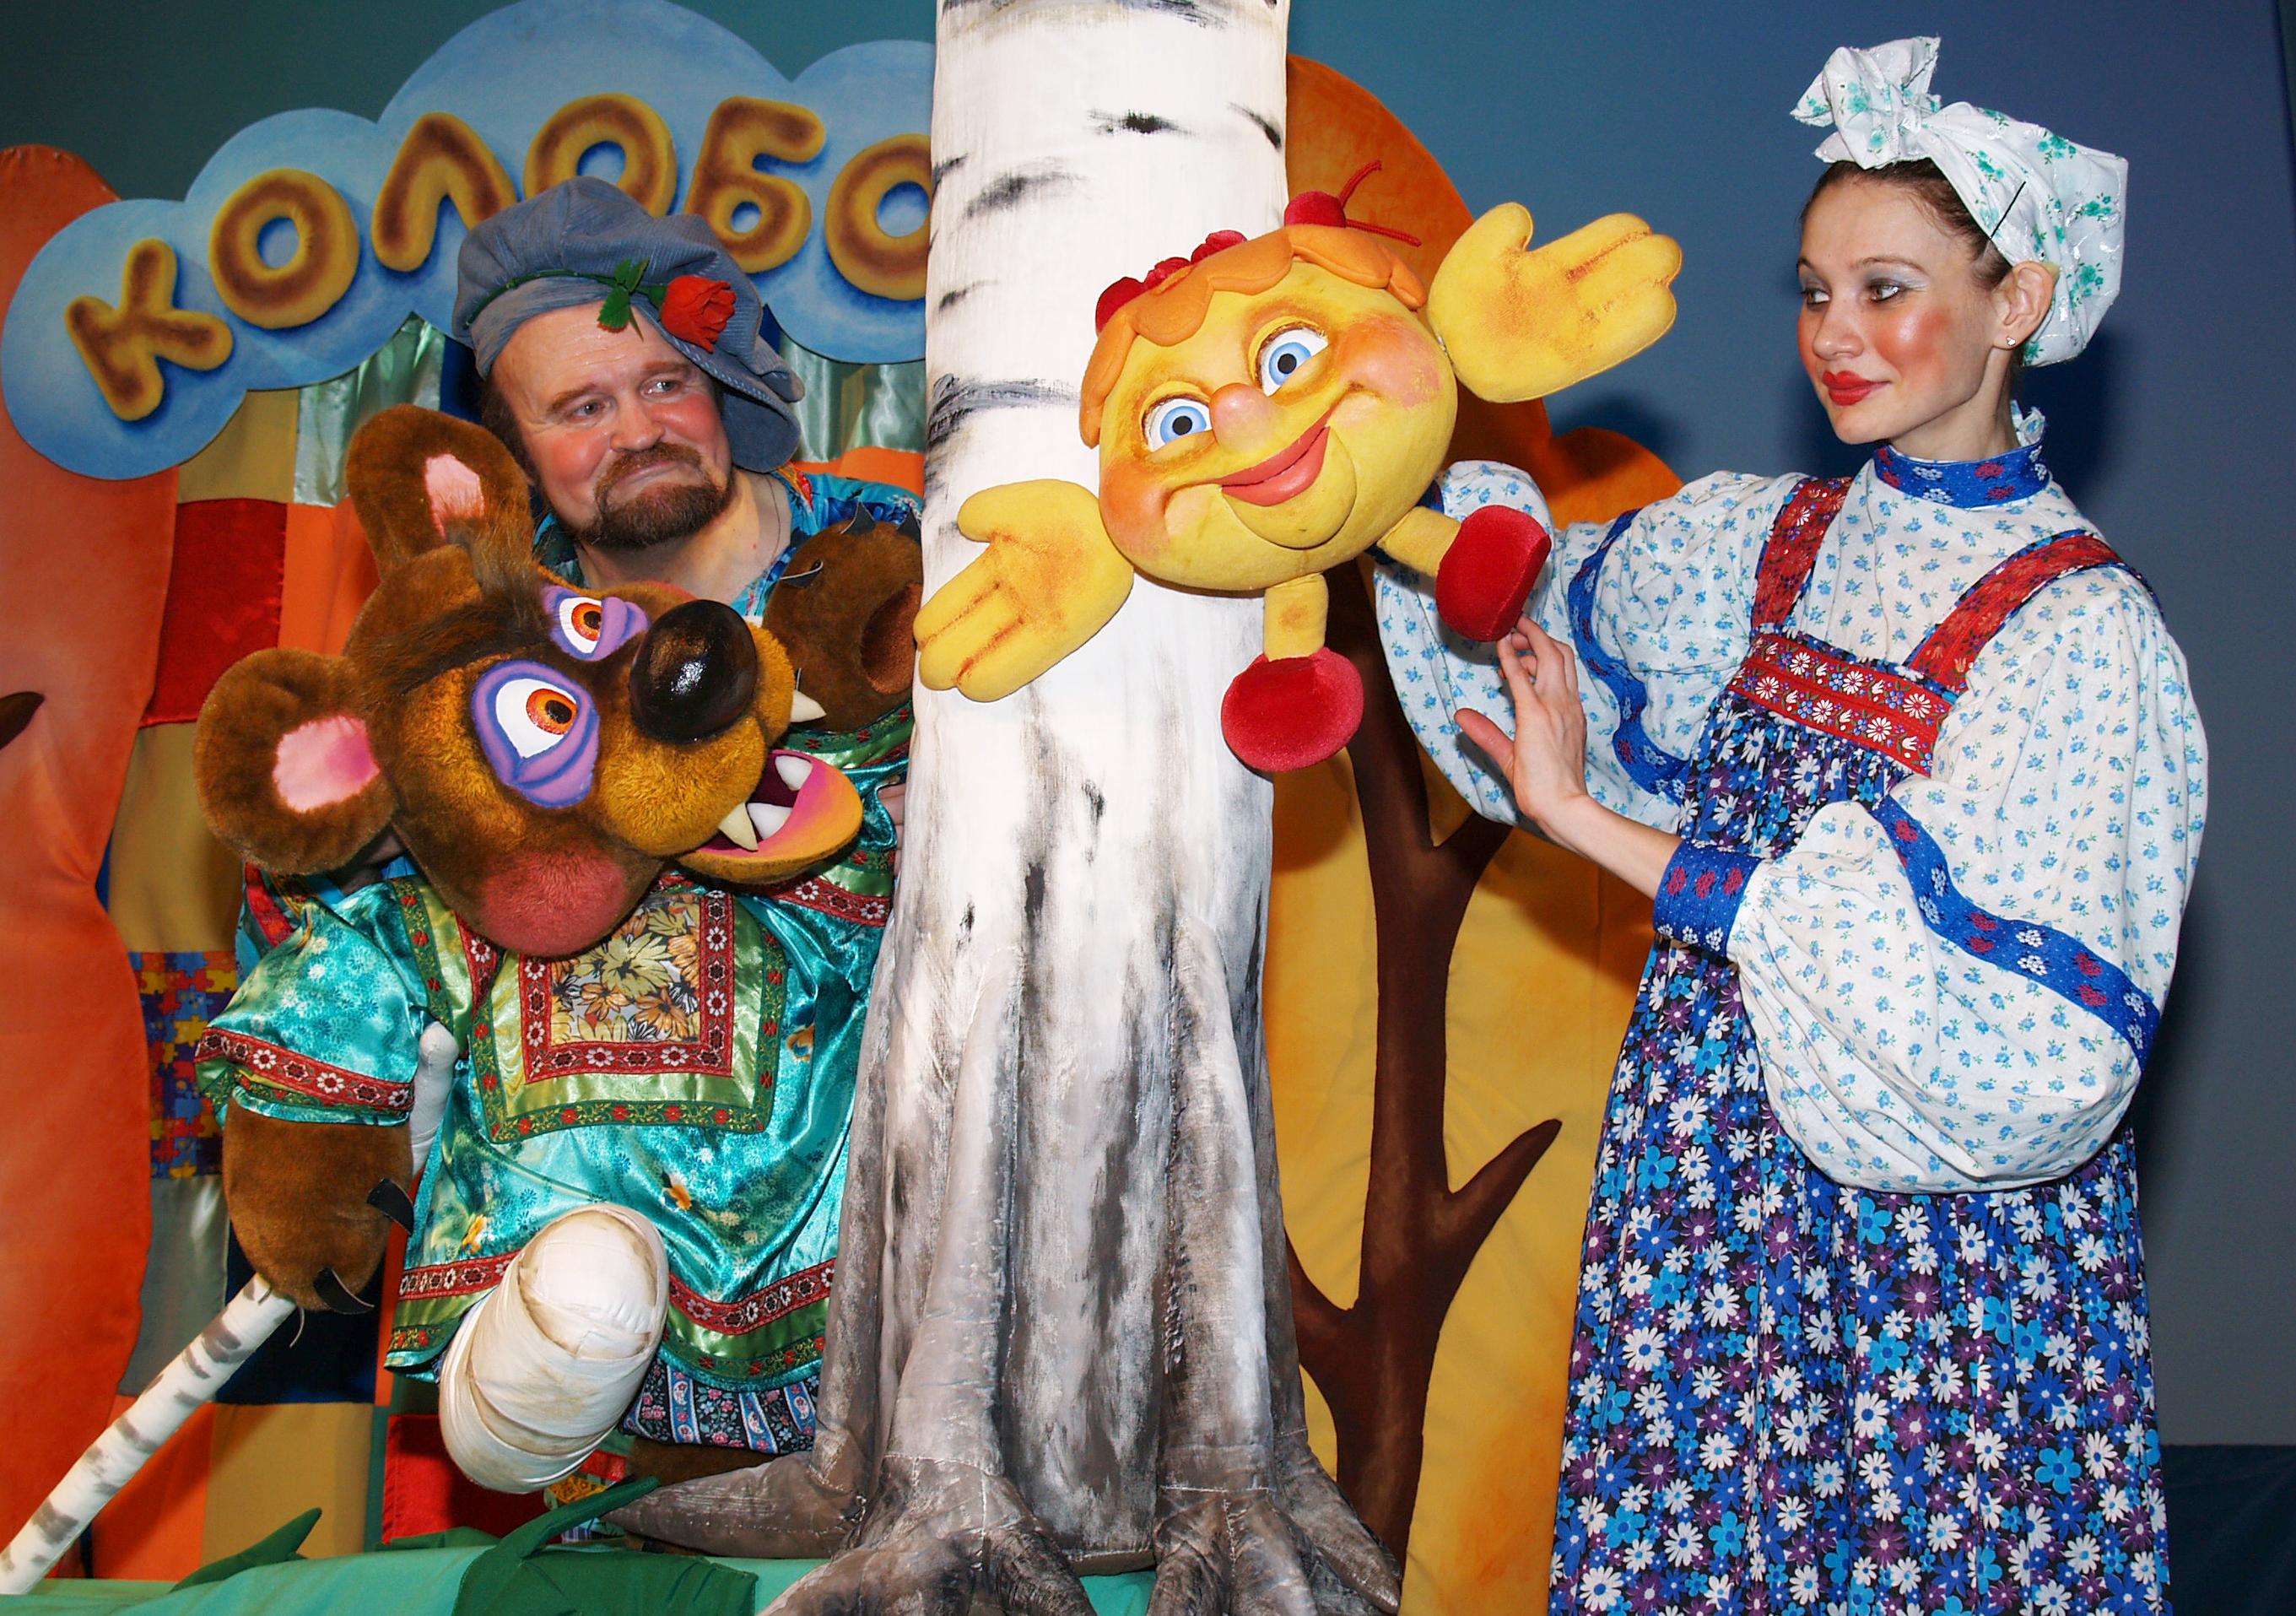 обеспечивают кукольный театр картинки к сказке колобок вросшие волосы можно